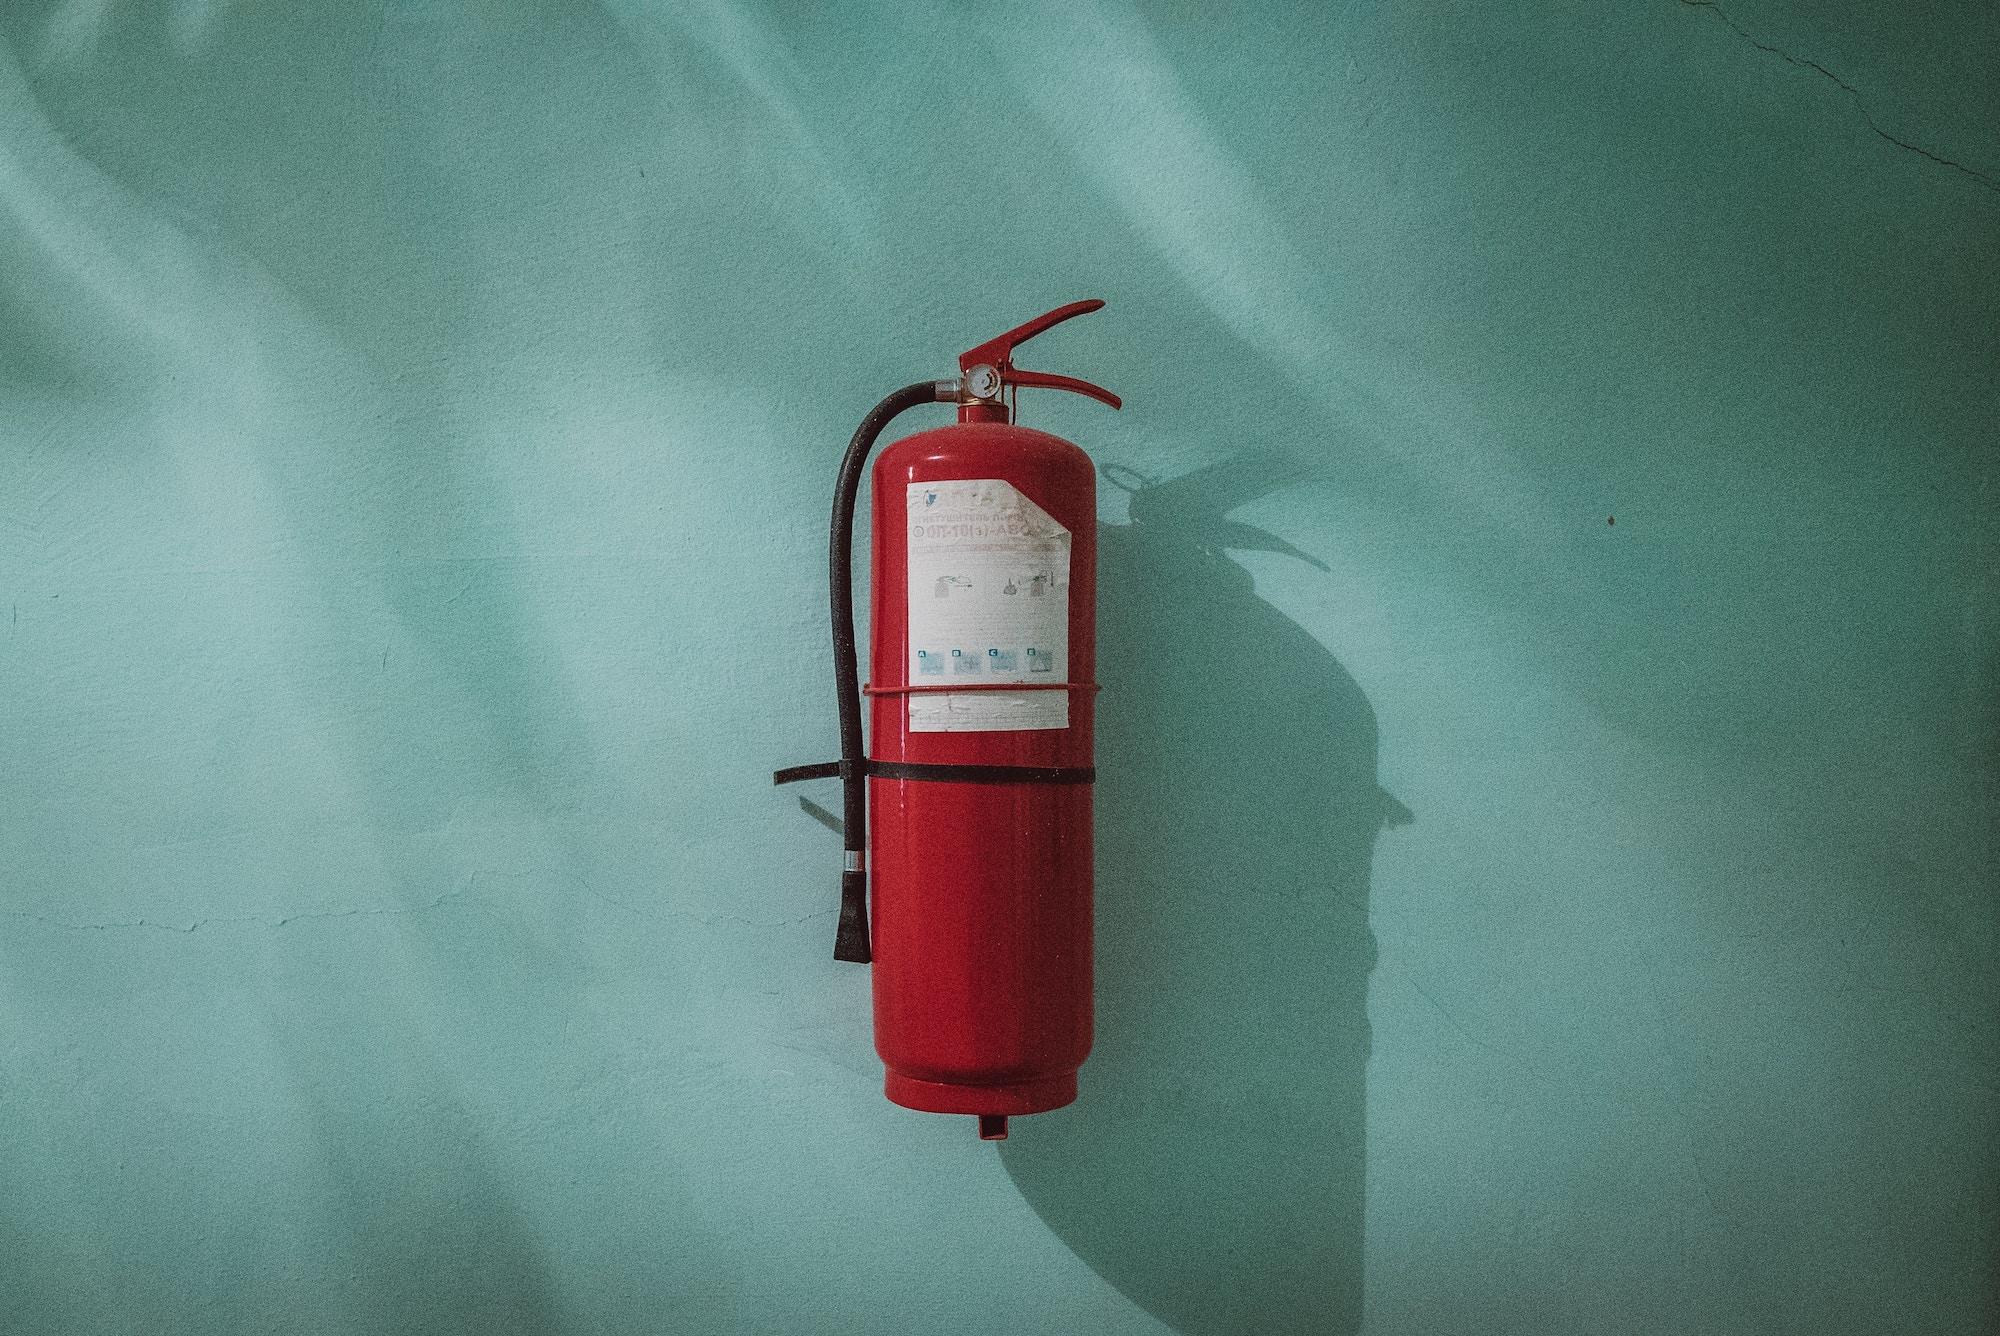 Brandschutz bei Veranstaltungen undEvents